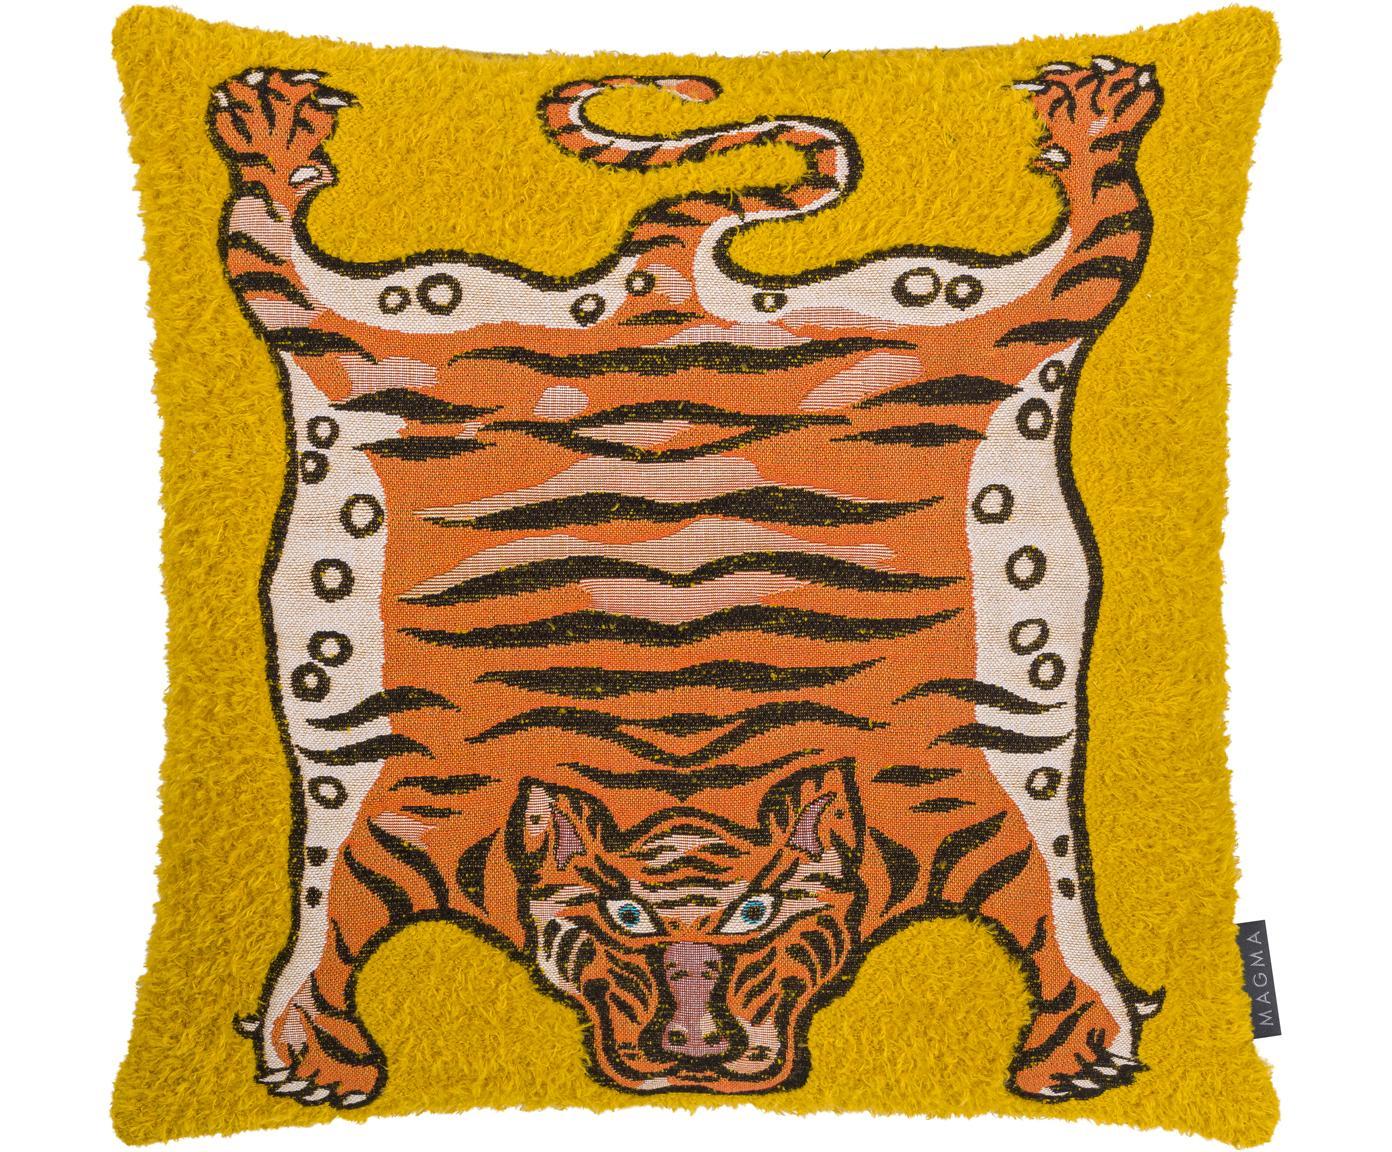 Kussenhoes Tigris, Weeftechniek: jacquard, Geel, oranje, zwart, 45 x 45 cm